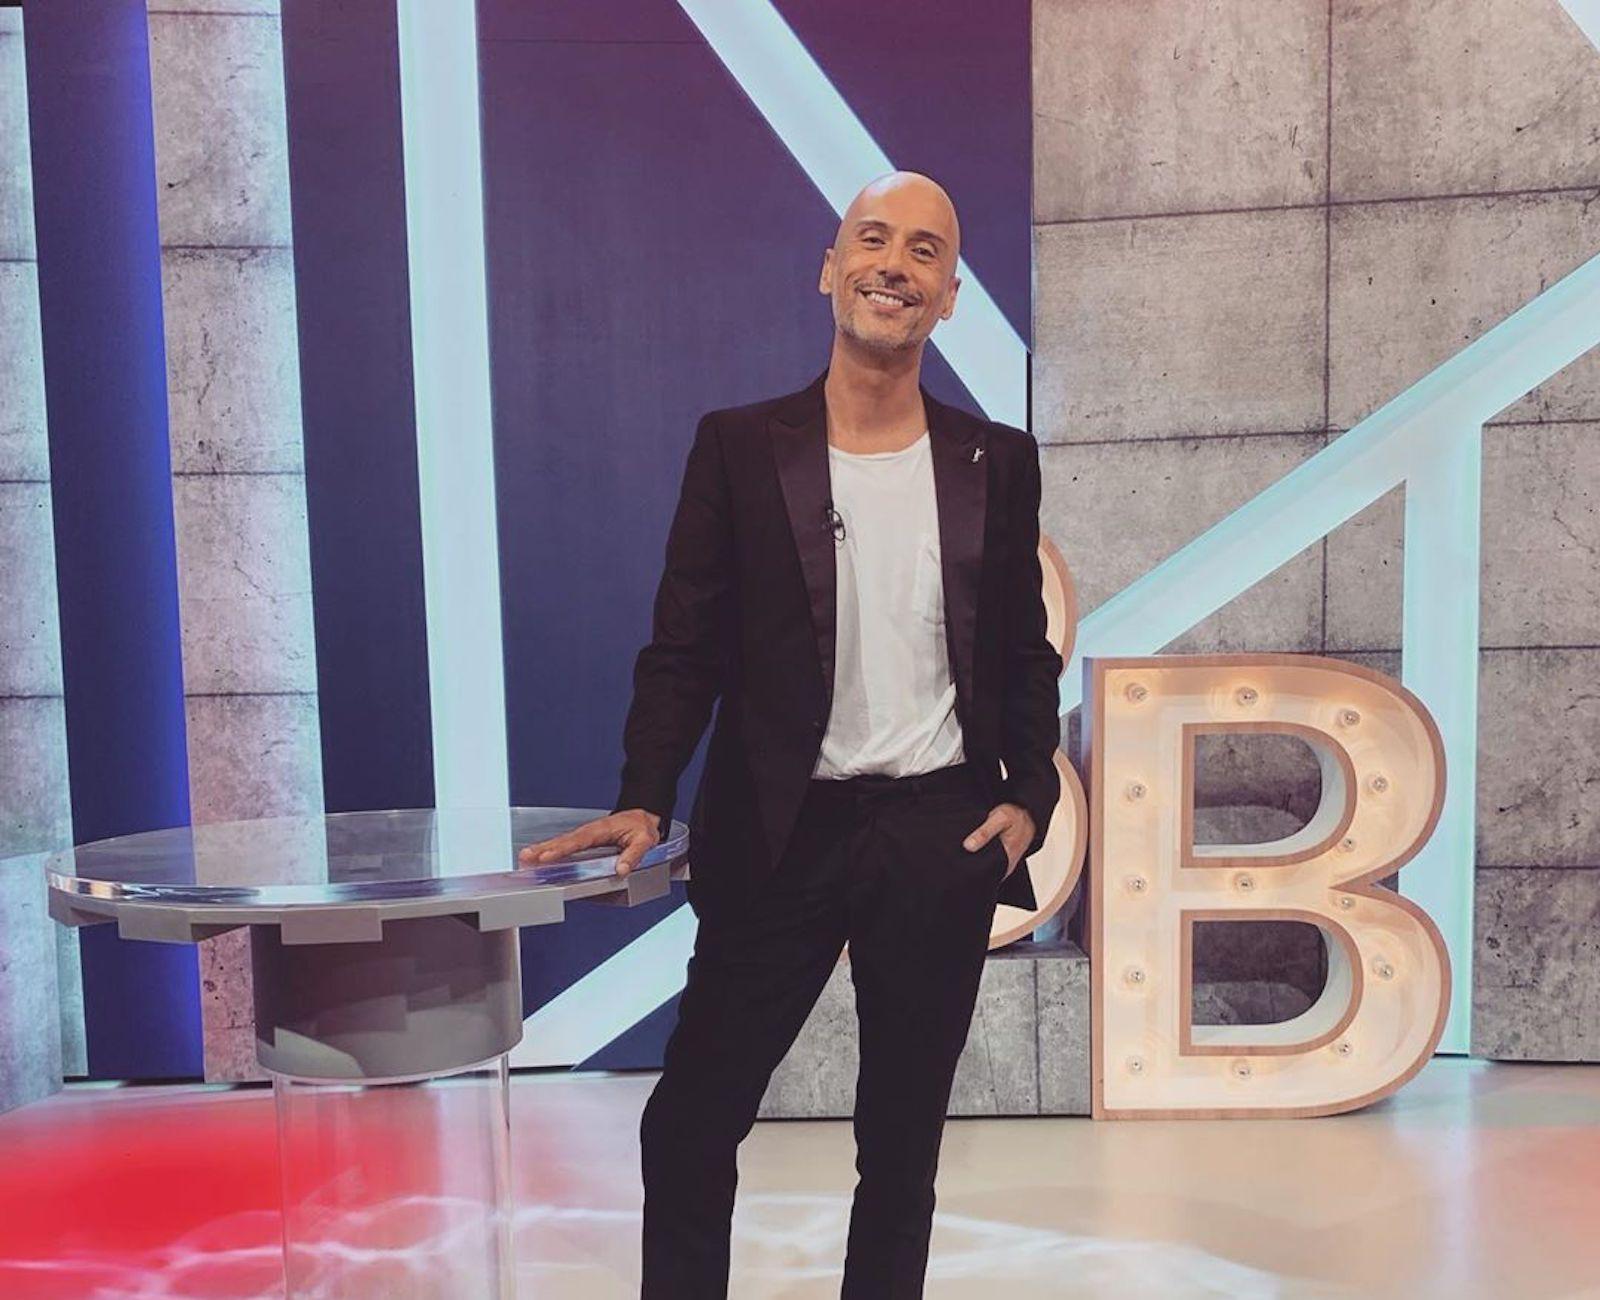 Pedro Crispim 1 Big Brother. Pedro Crispim Faz Revelação Surpreendente: &Quot;Cheguei A Pesar 105 Quilos&Quot;